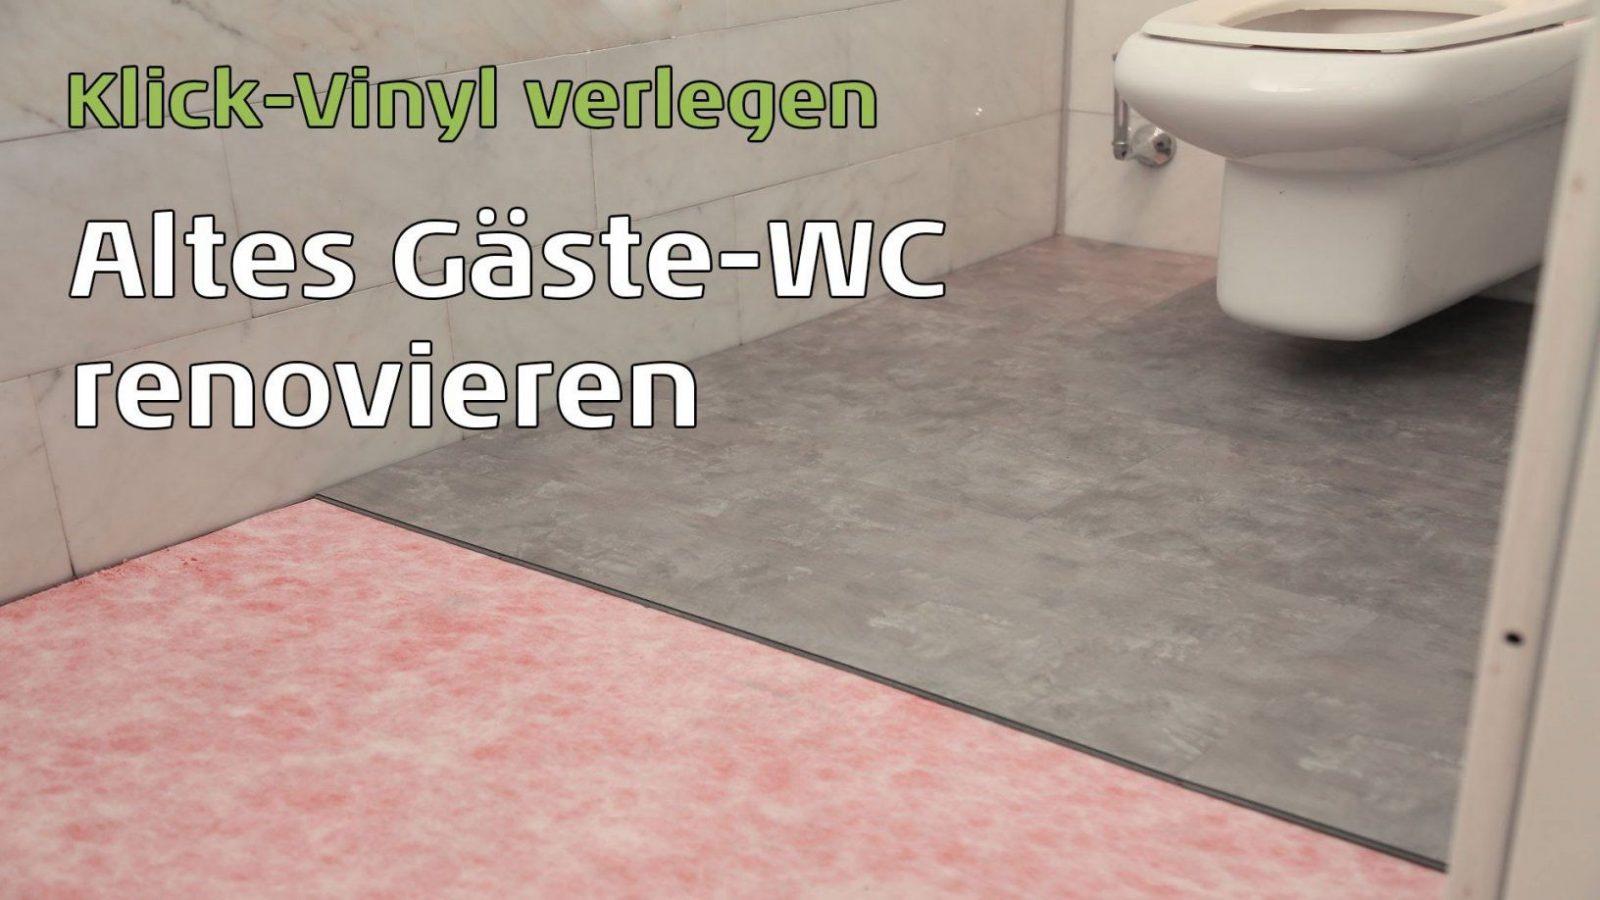 Wc Renovierung Mit Klick Vinyl  Youtube von Klick Vinyl Für Badezimmer Photo